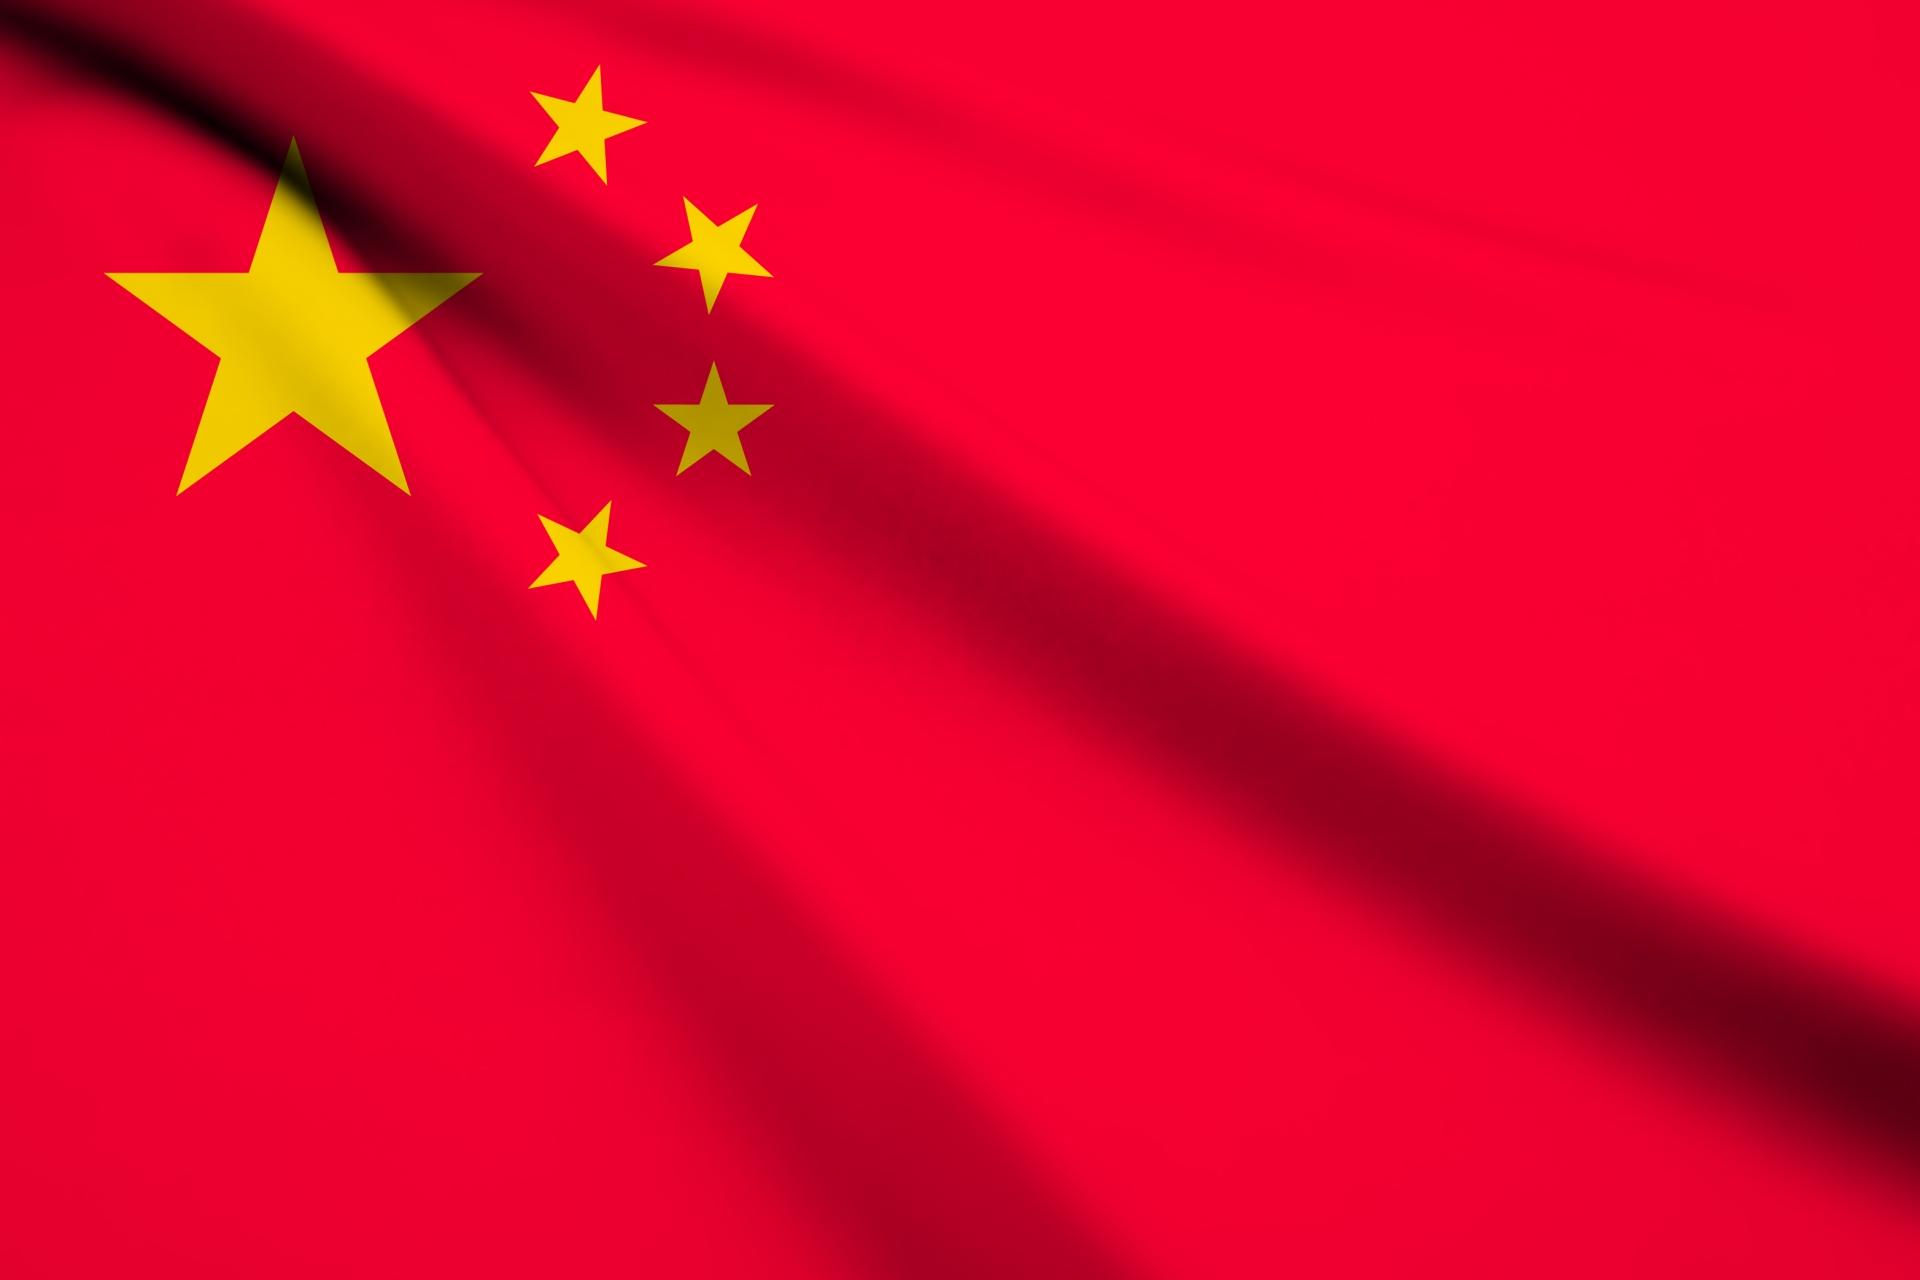 オートバックスセブンが中国のECサイトで富裕層向けに国産カー用品を販売